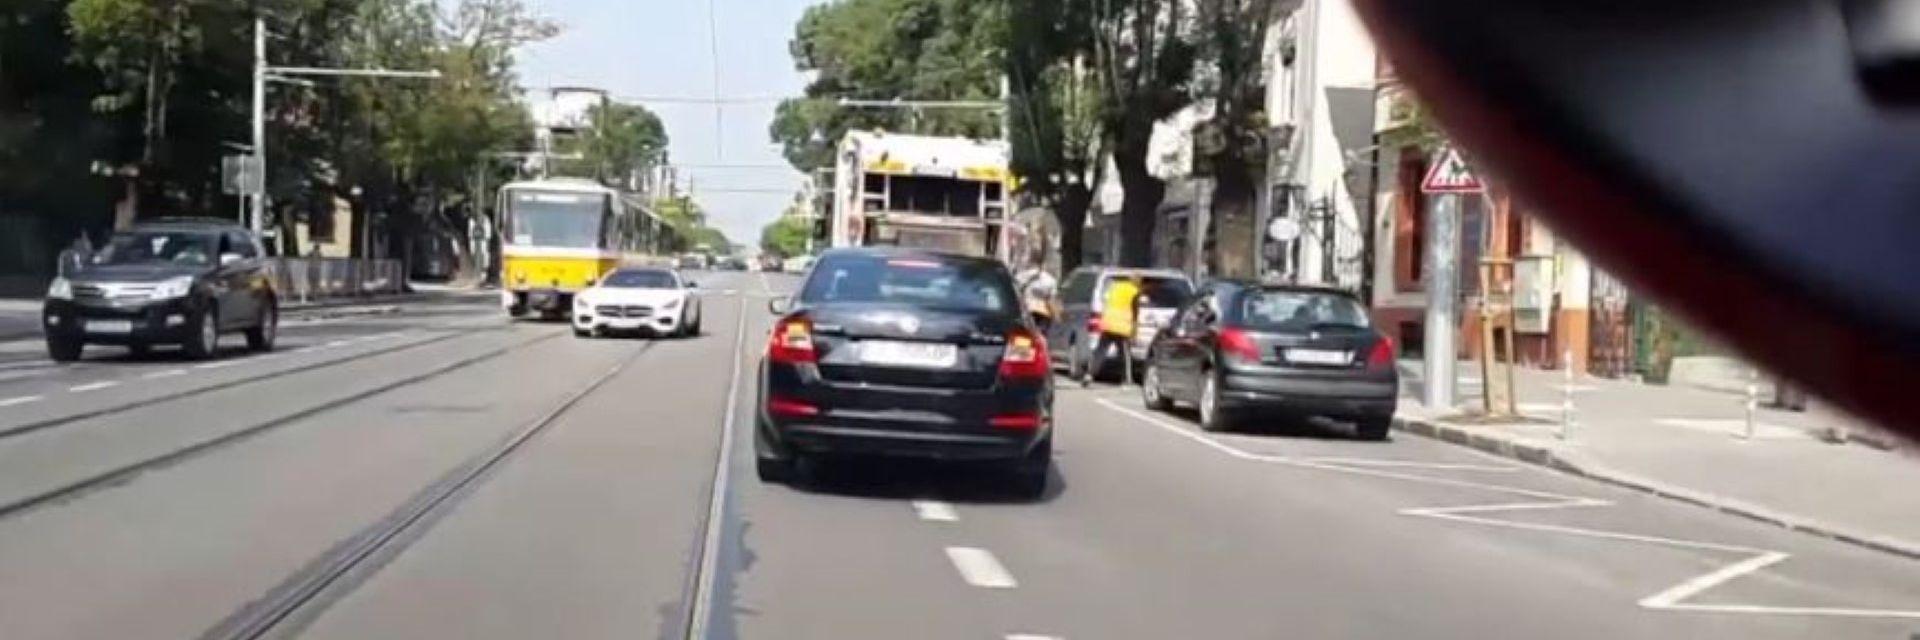 Ново скандално видео: Безумец кара в насрещното в центъра на София